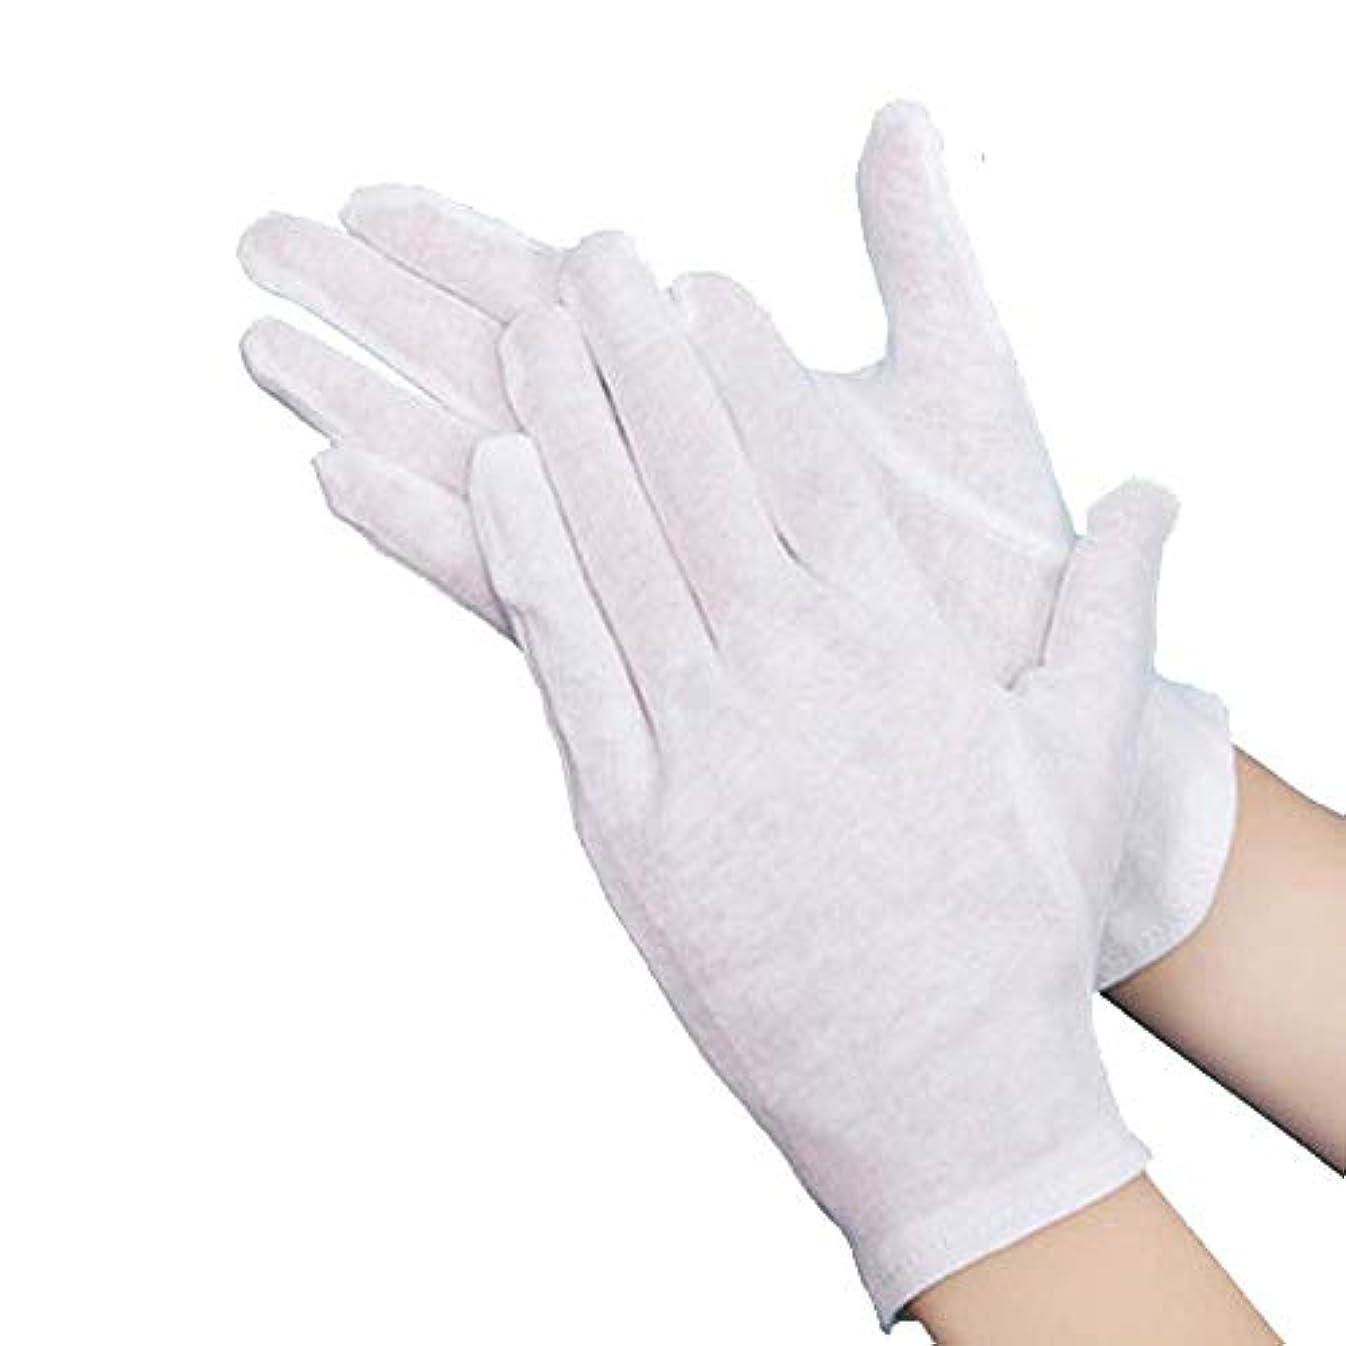 勘違いするエネルギー保証10双組 M トン手袋 綿手袋 通気性